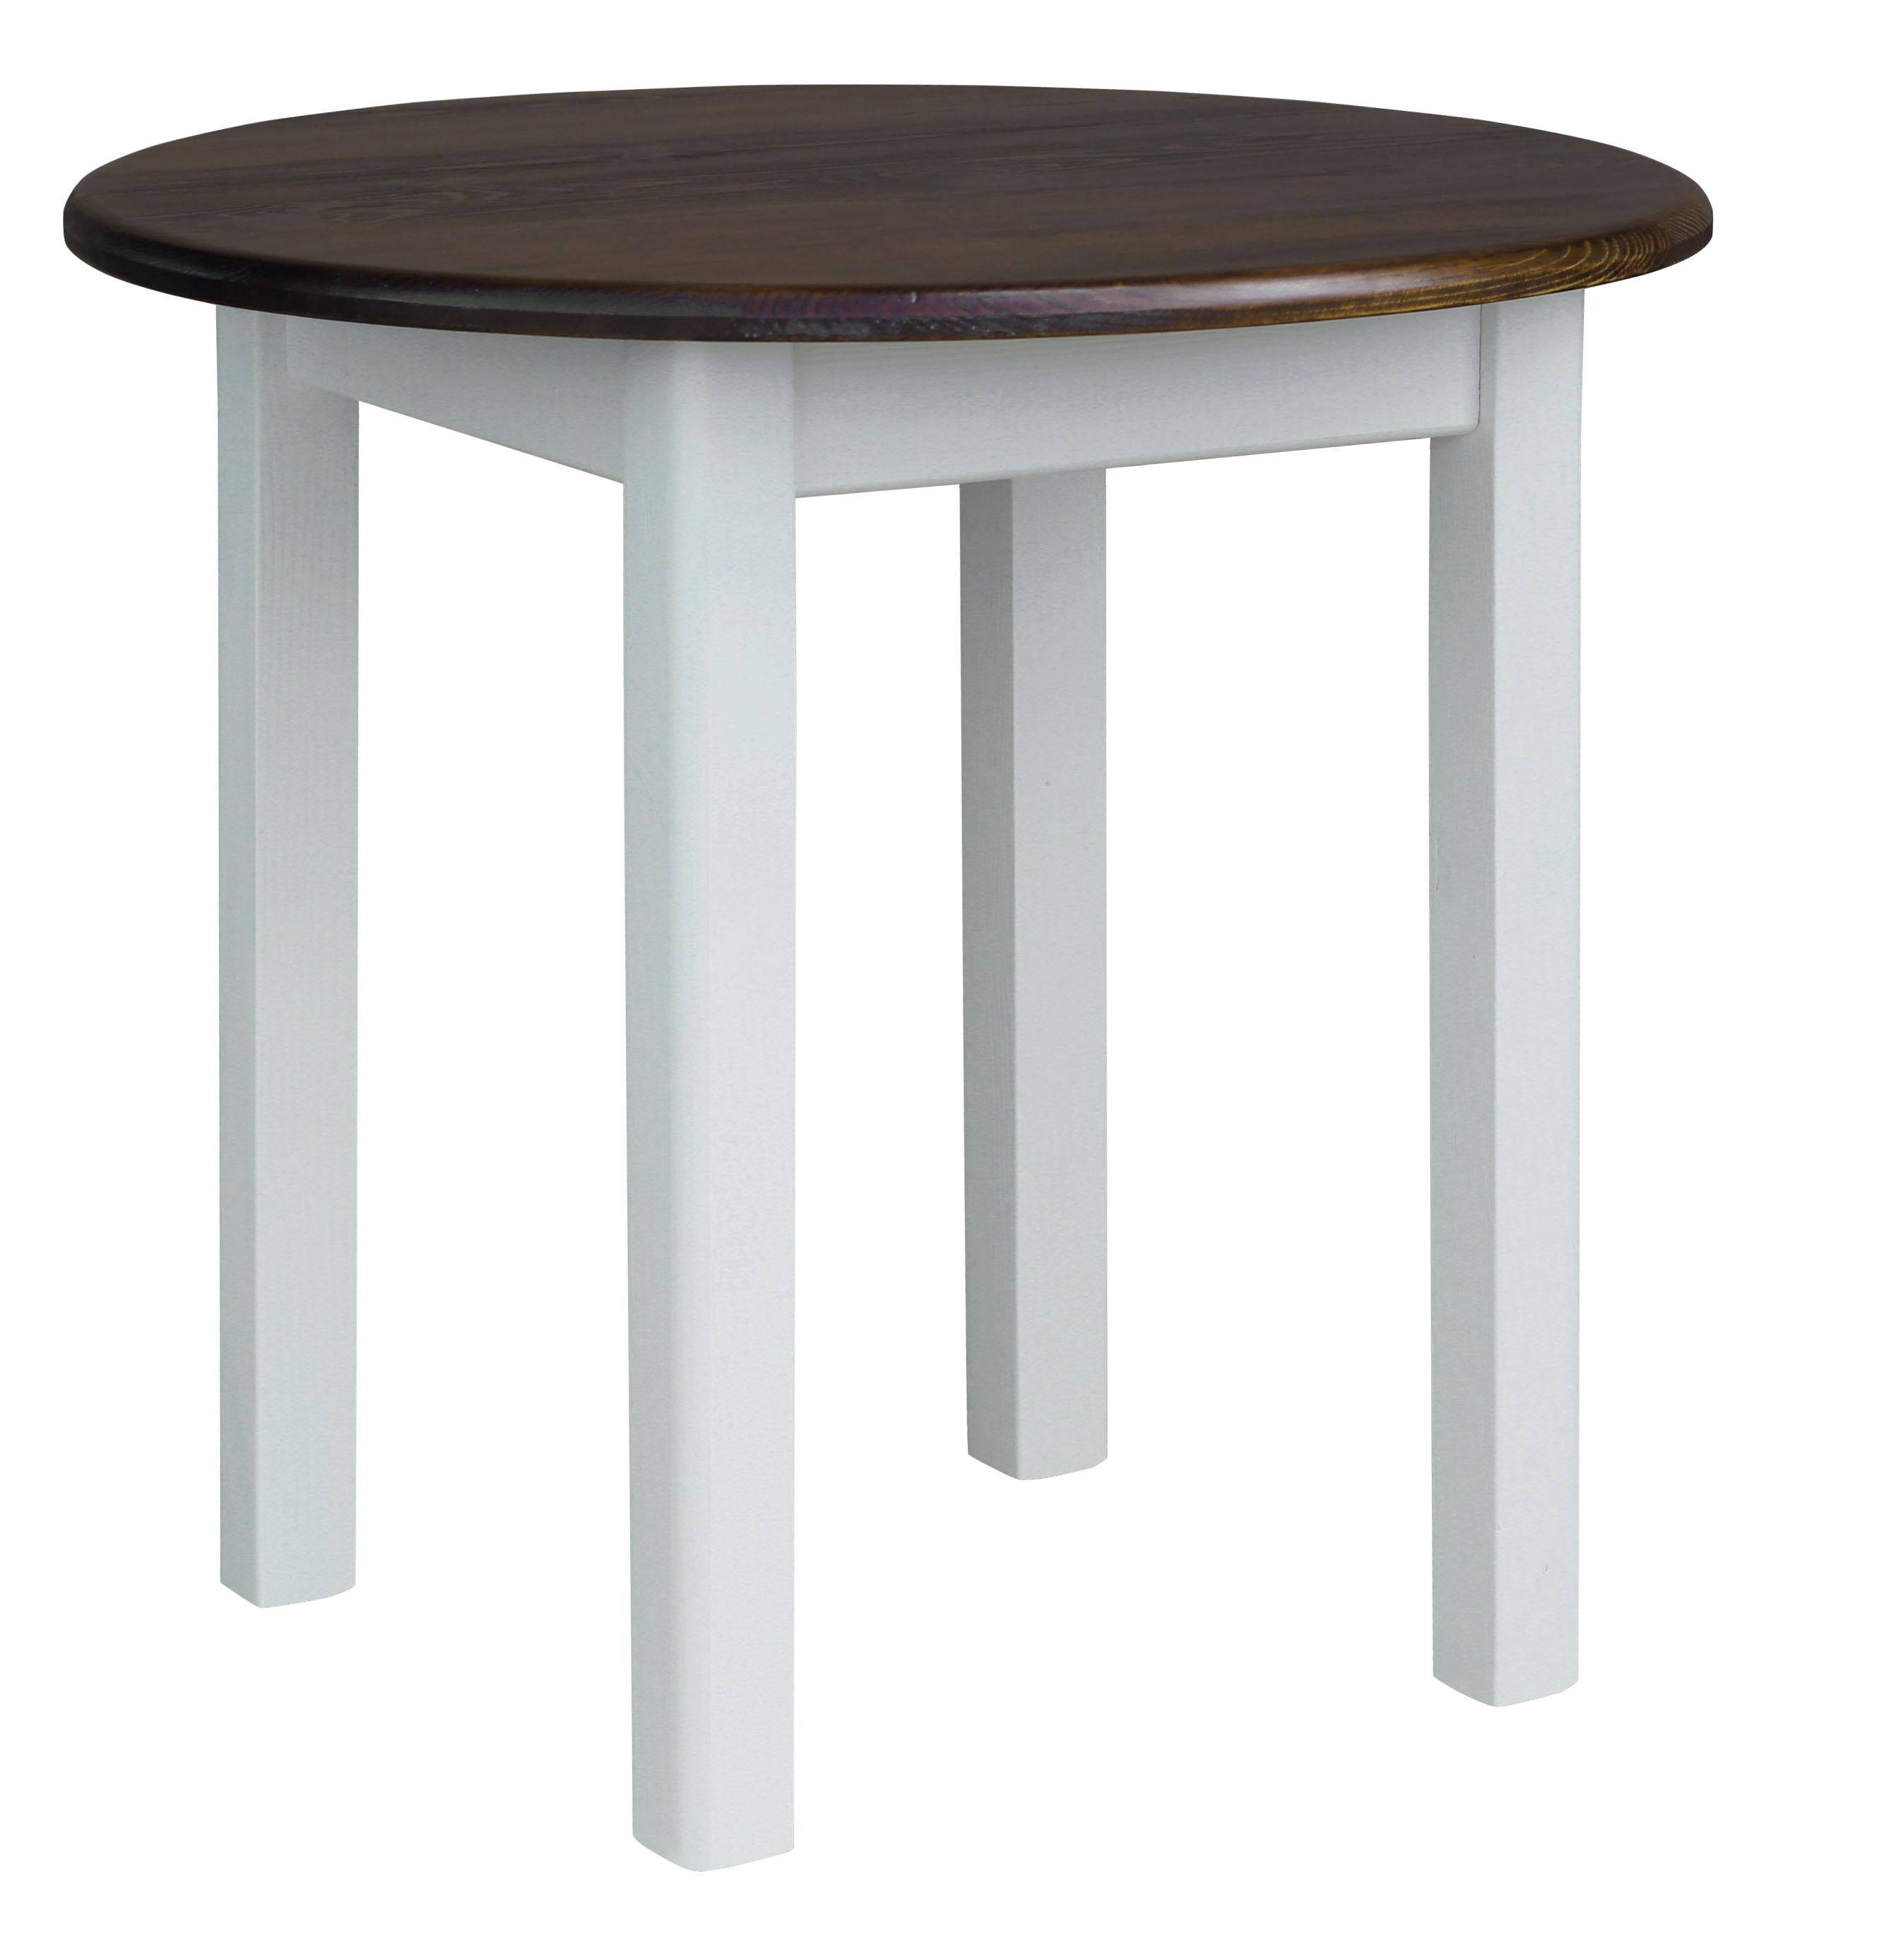 runder kiefer tisch esstisch holz k chentisch massiv wei honig landhausstil ebay. Black Bedroom Furniture Sets. Home Design Ideas